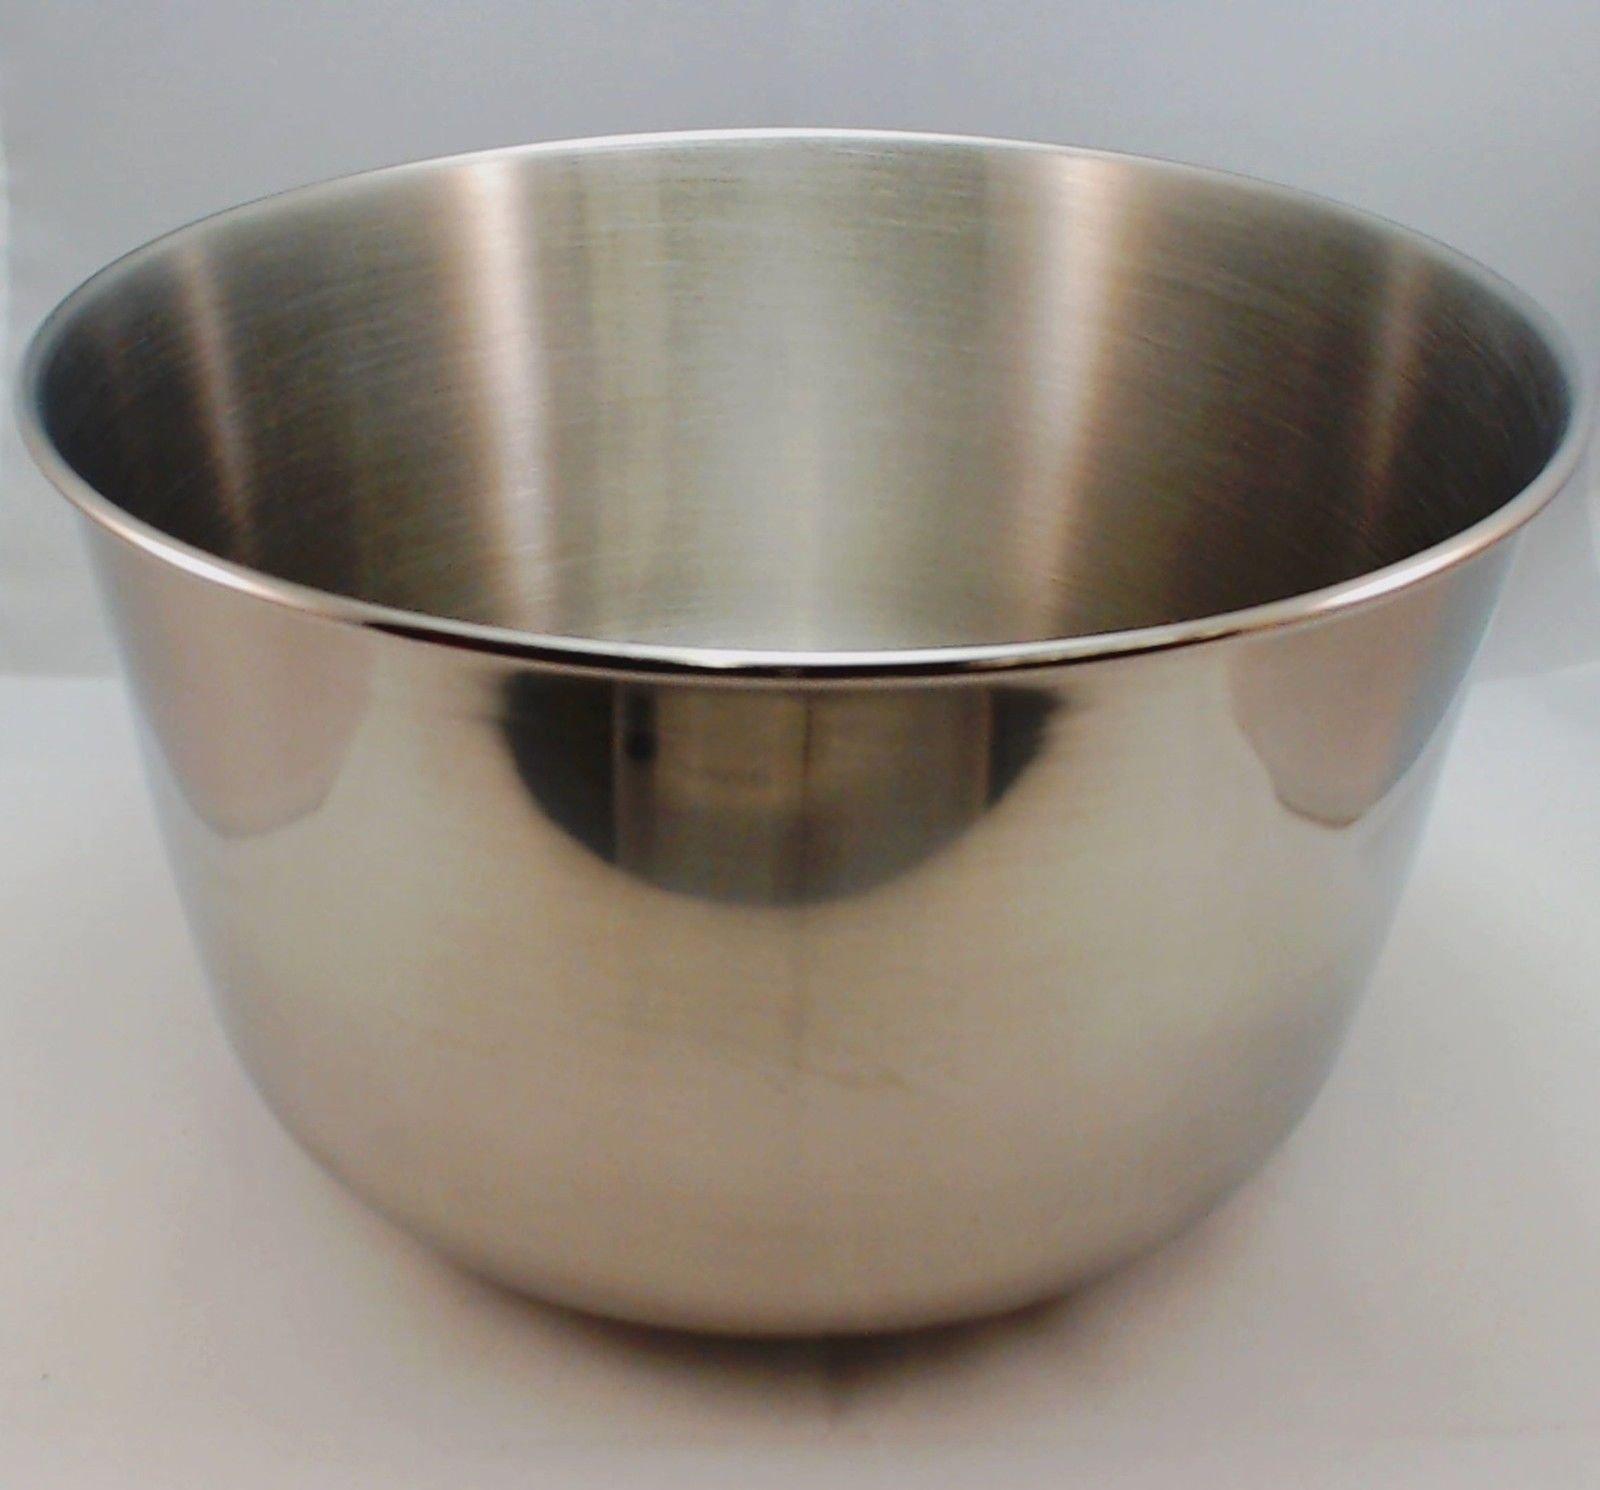 Sunbeam Stainless Steel Mixer 4 Qt Bowl 118780-000-000